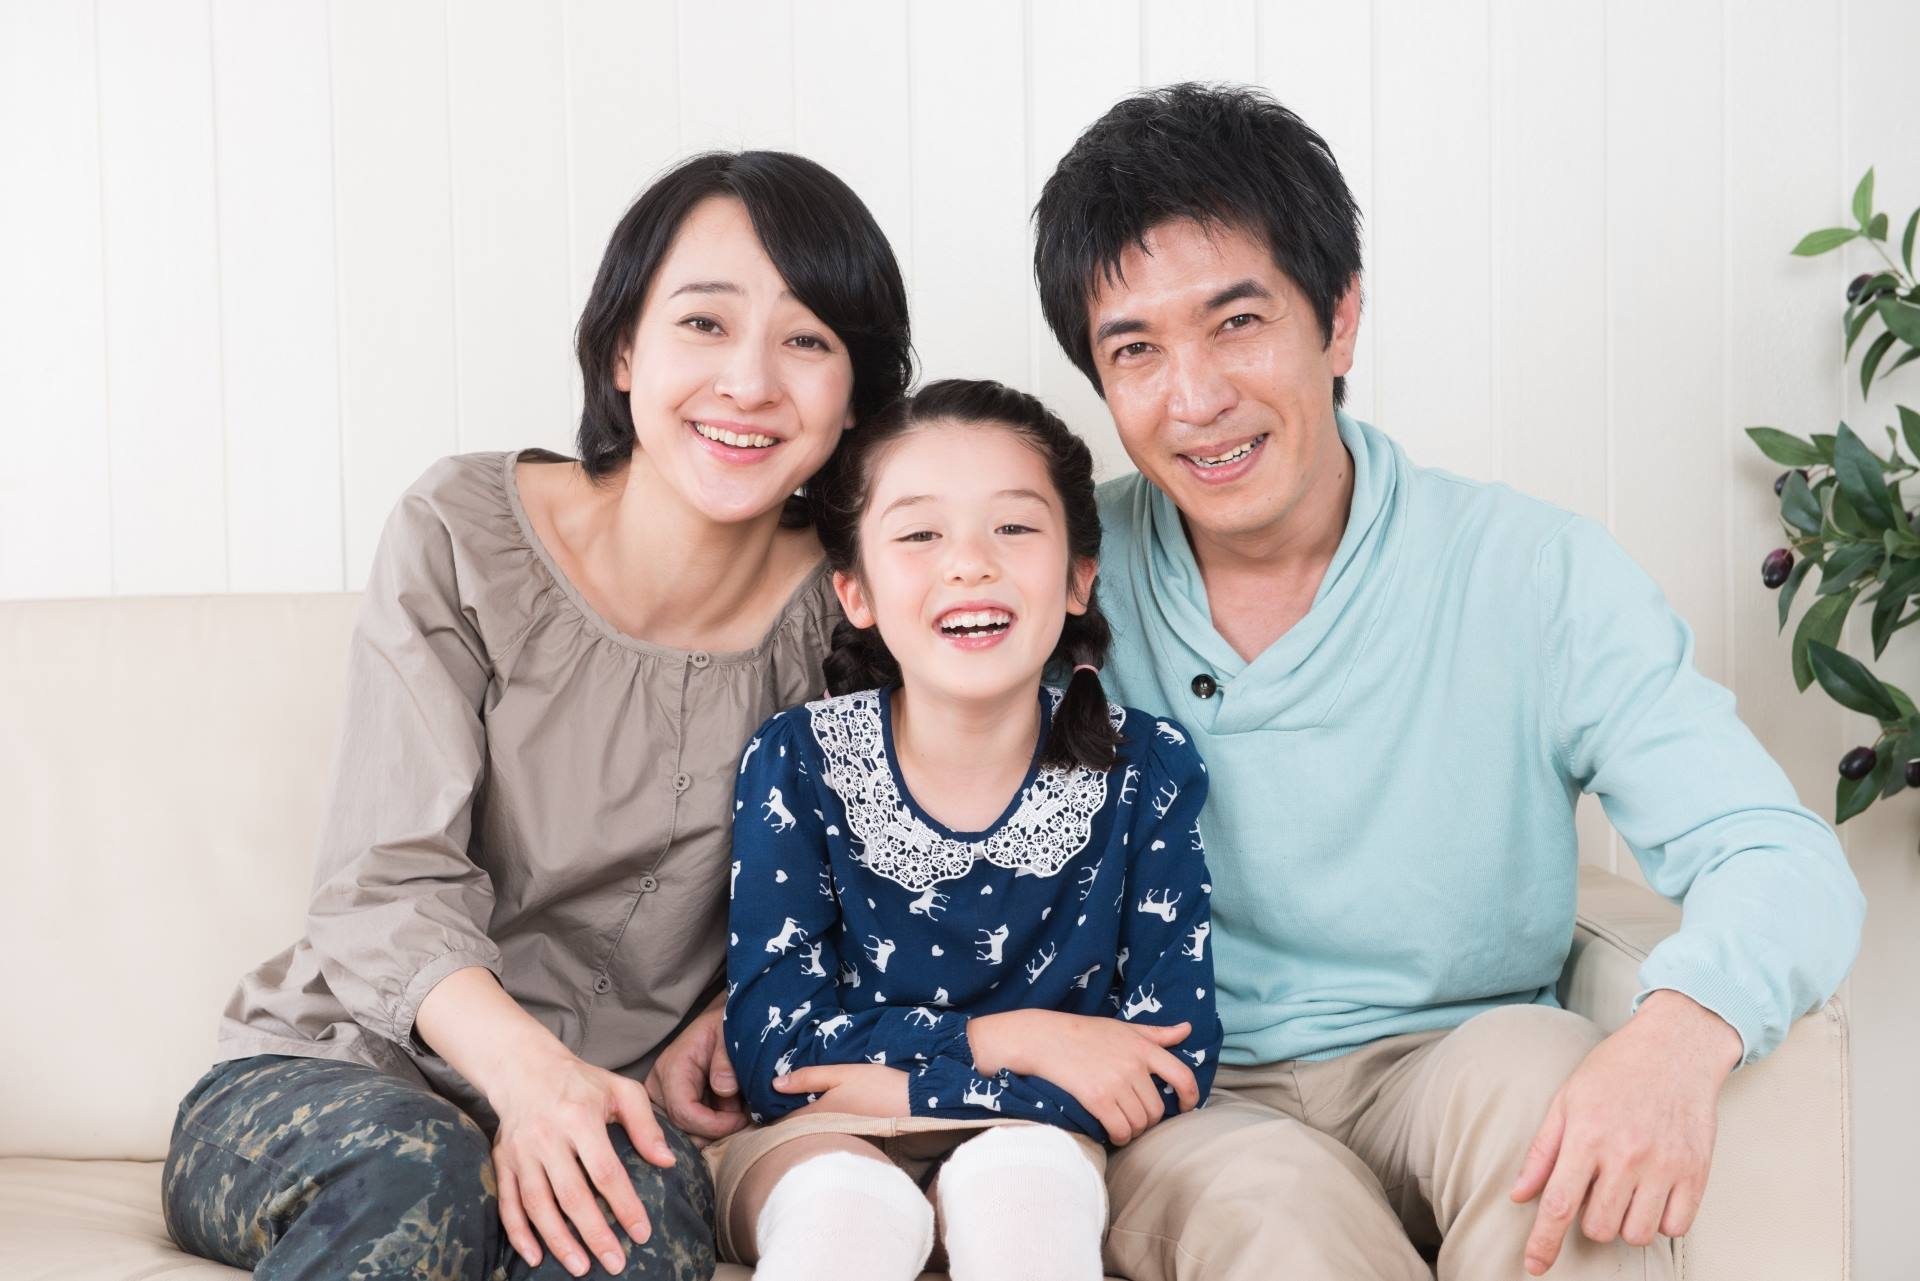 写真_40代から始めても3000万円の資産をつくれる貯め方&幸せライフプランの作り方セミナー